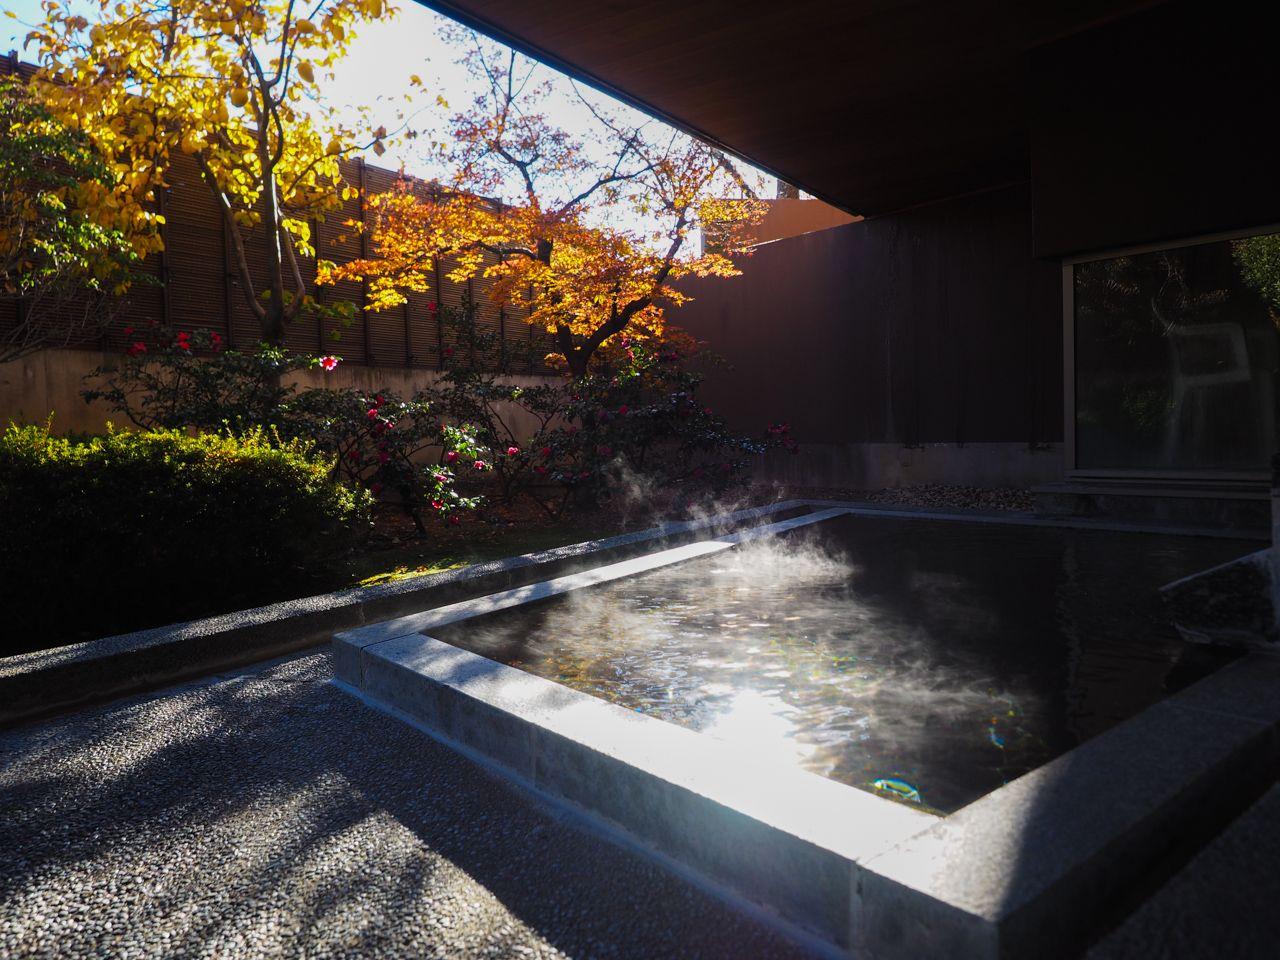 ワーケーションしよう!テレワークにおすすめの長野県のホテル18選